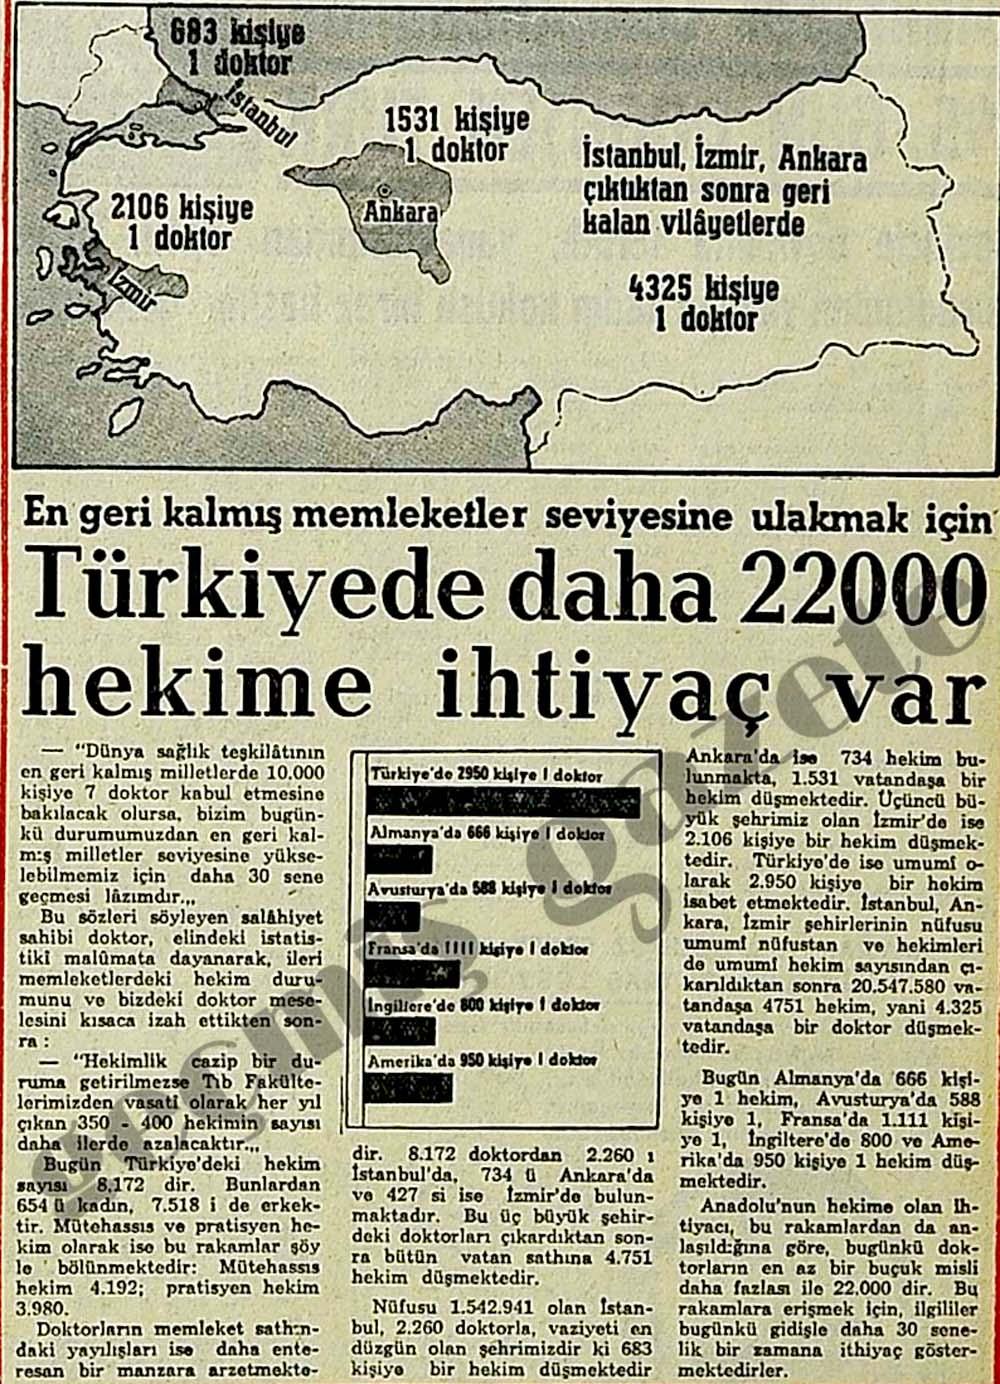 Türkiyede daha 22000 hekime ihtiyaç var